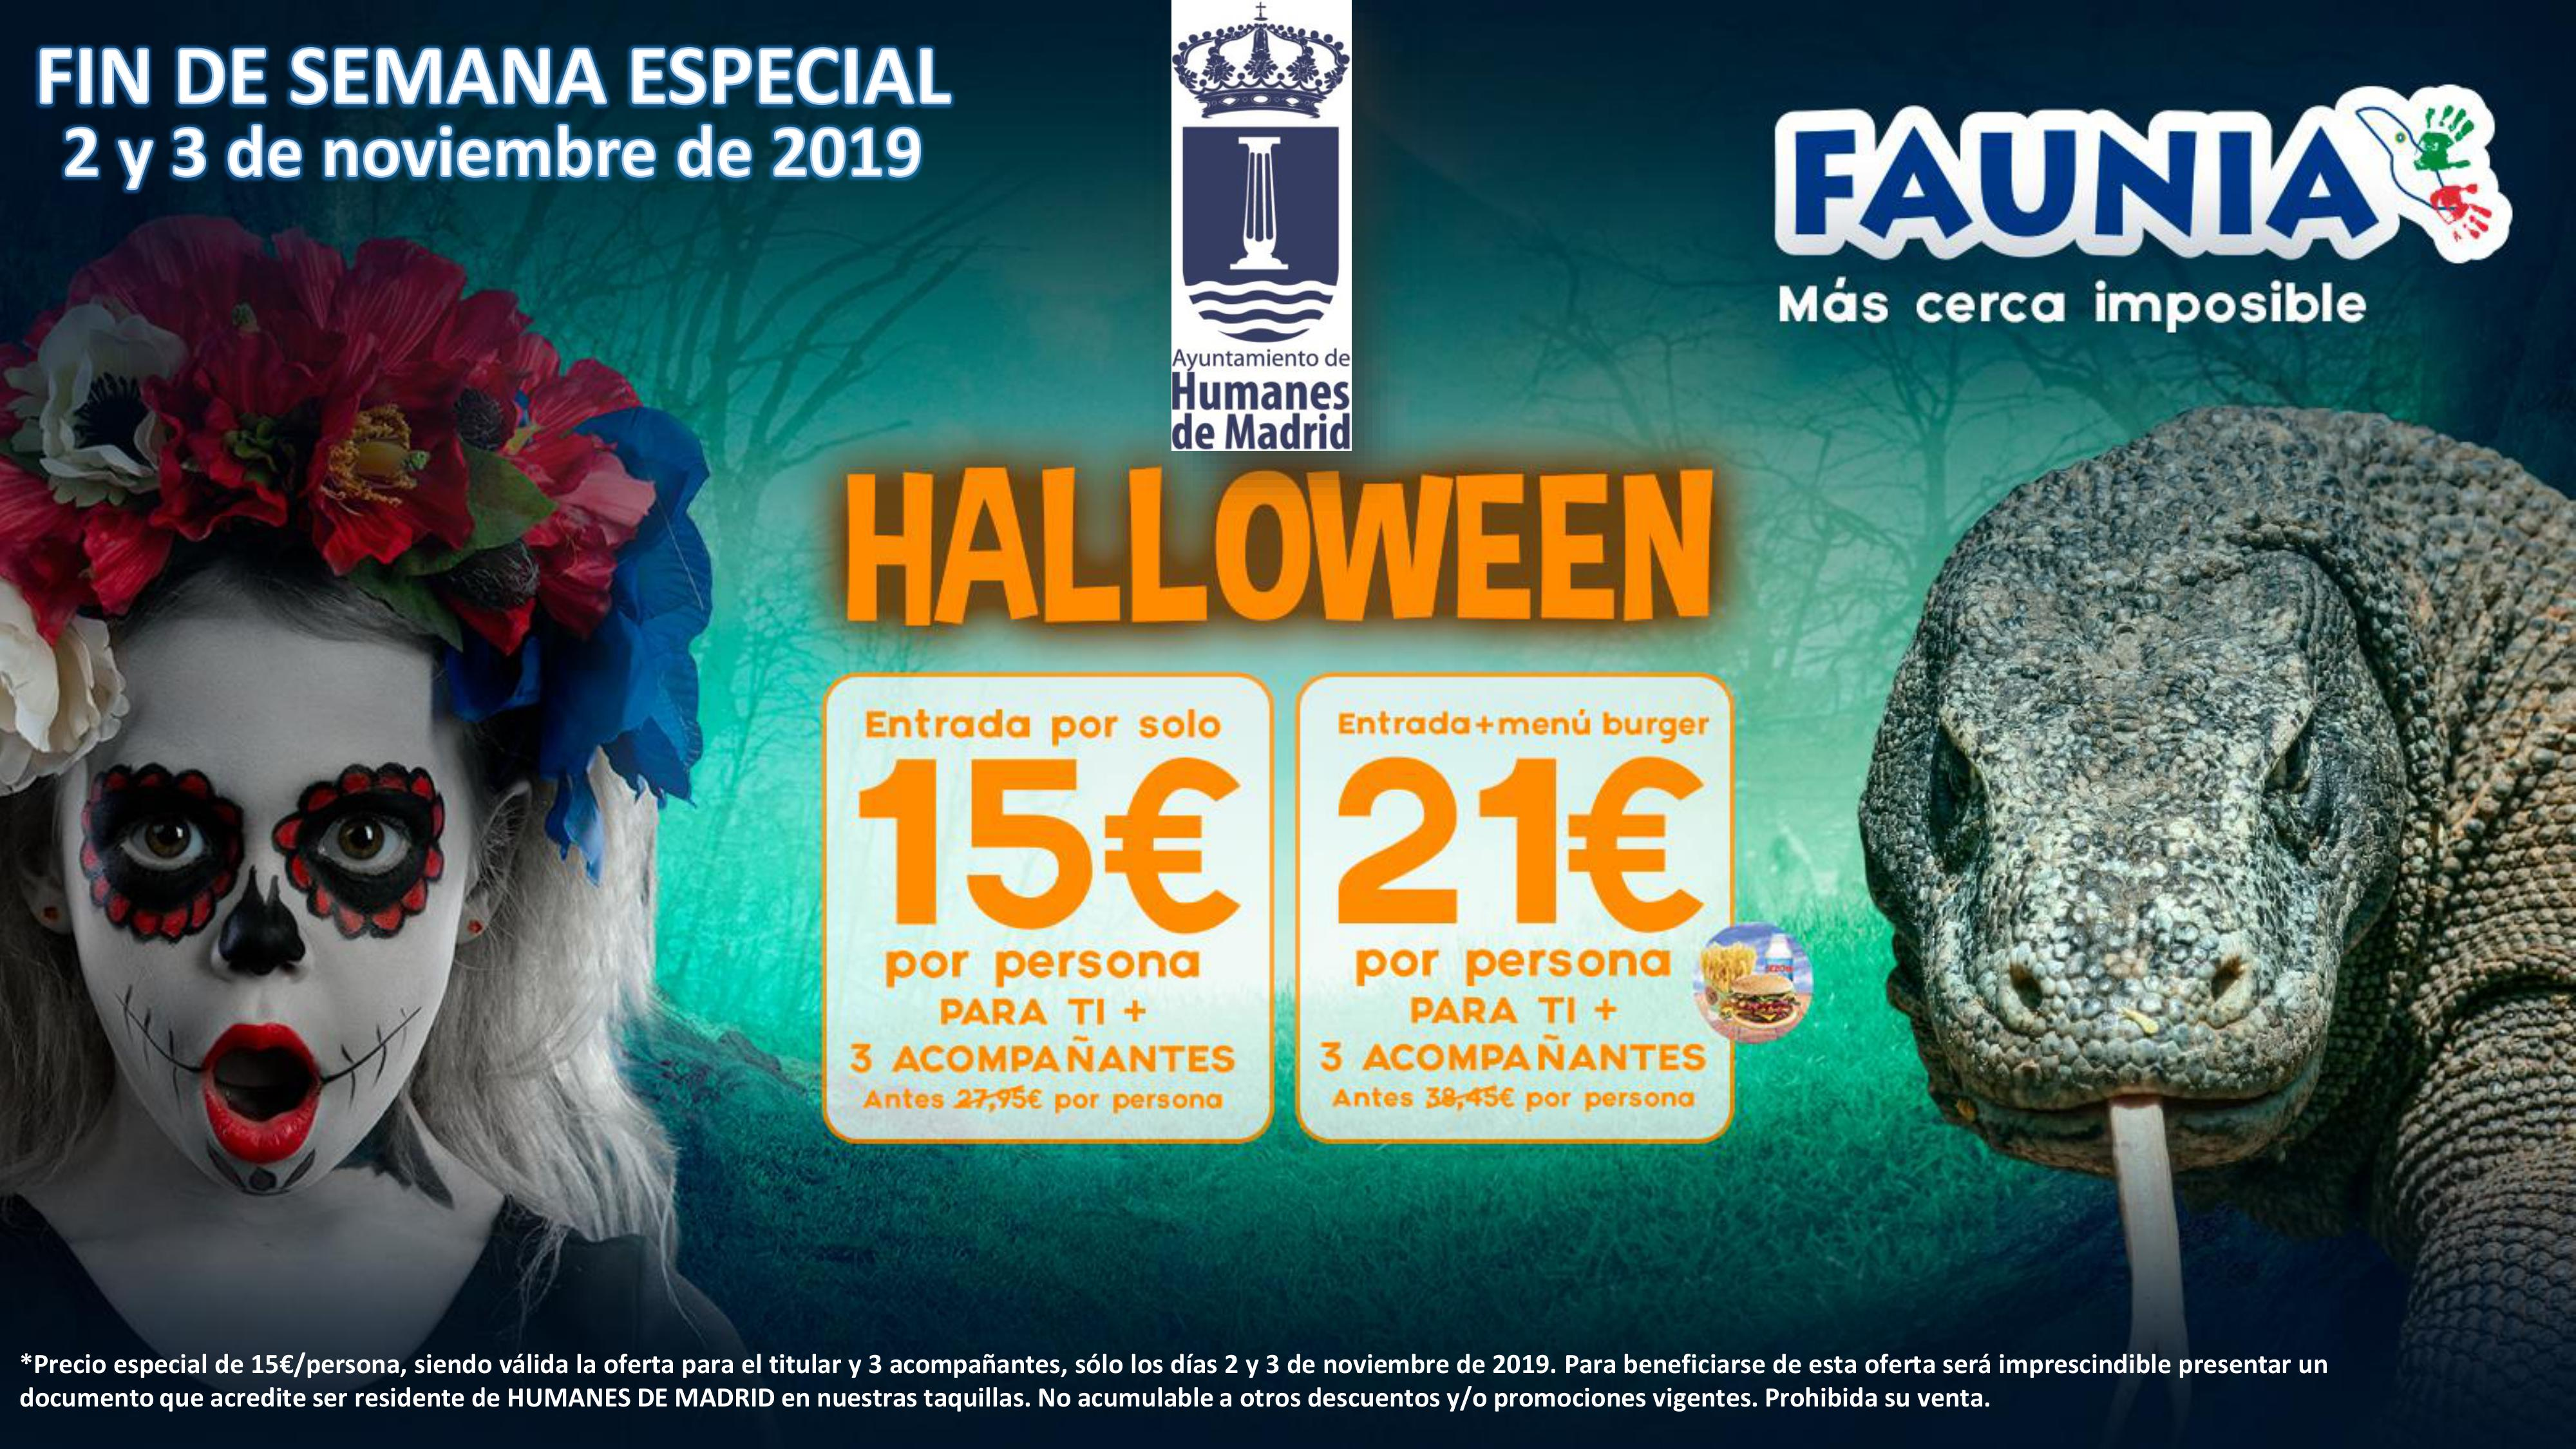 Si eres vecino de Humanes de Madrid celebra Halloween en Faunia con descuentos especiales.